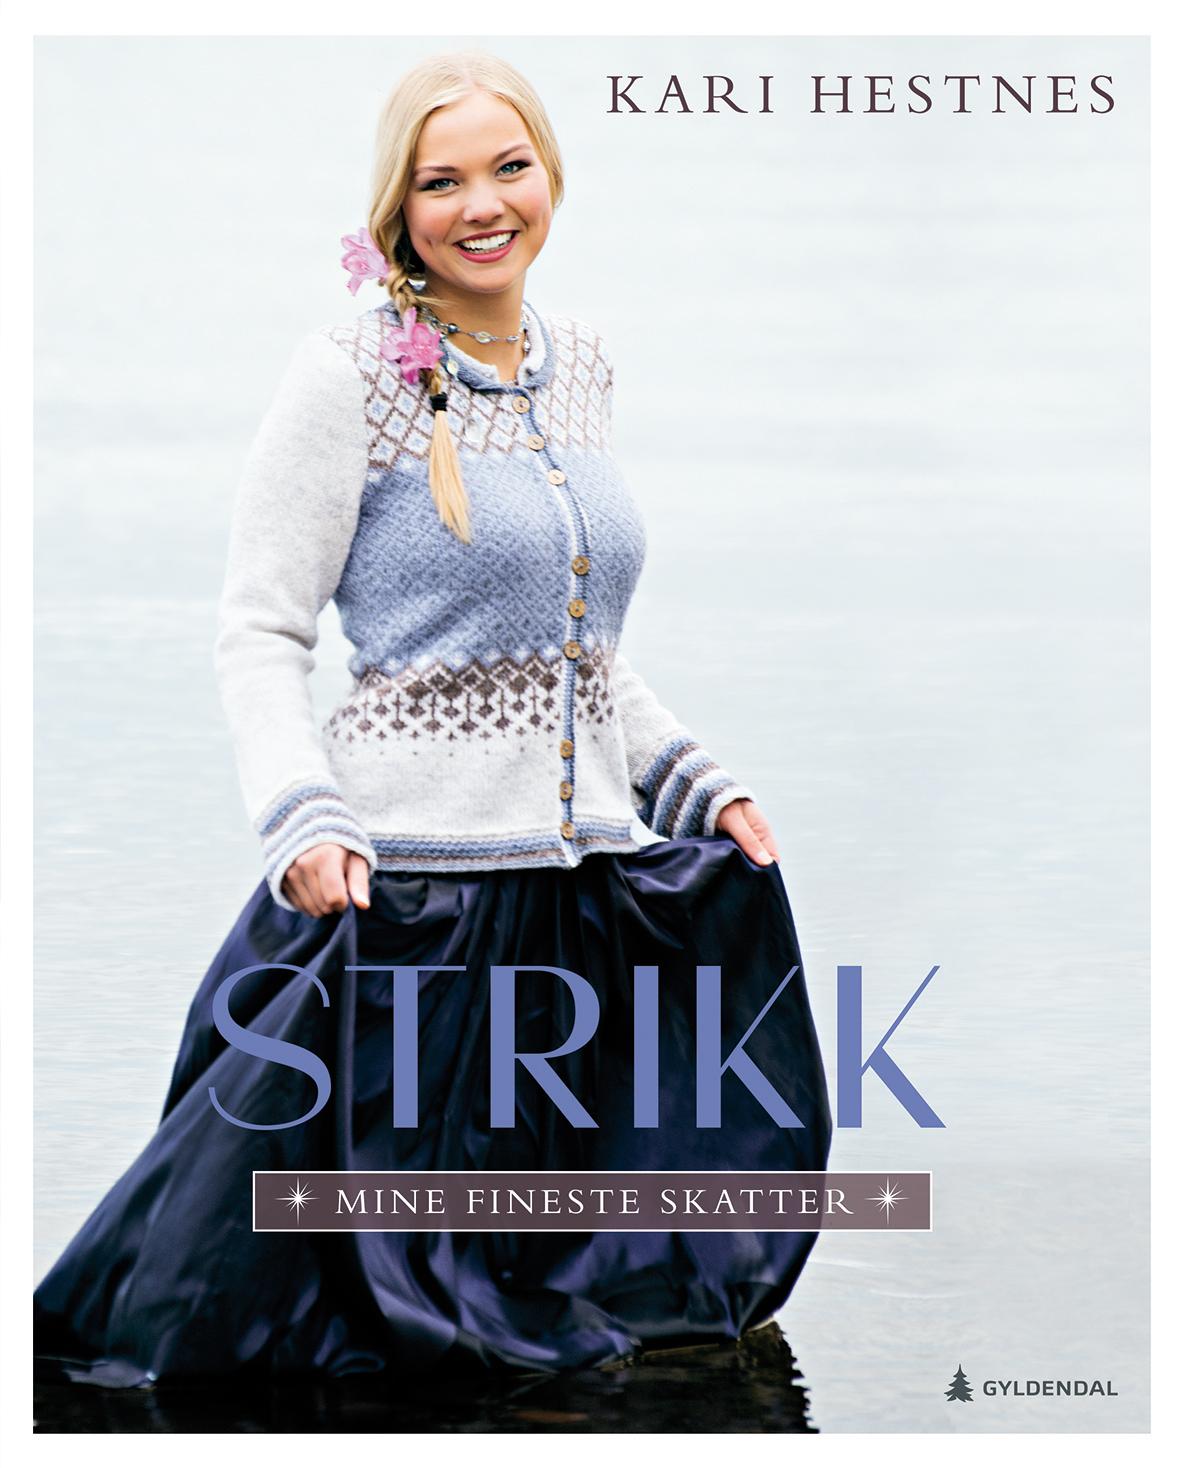 Strikk-mine-fineste-skatter_Fotokrediter